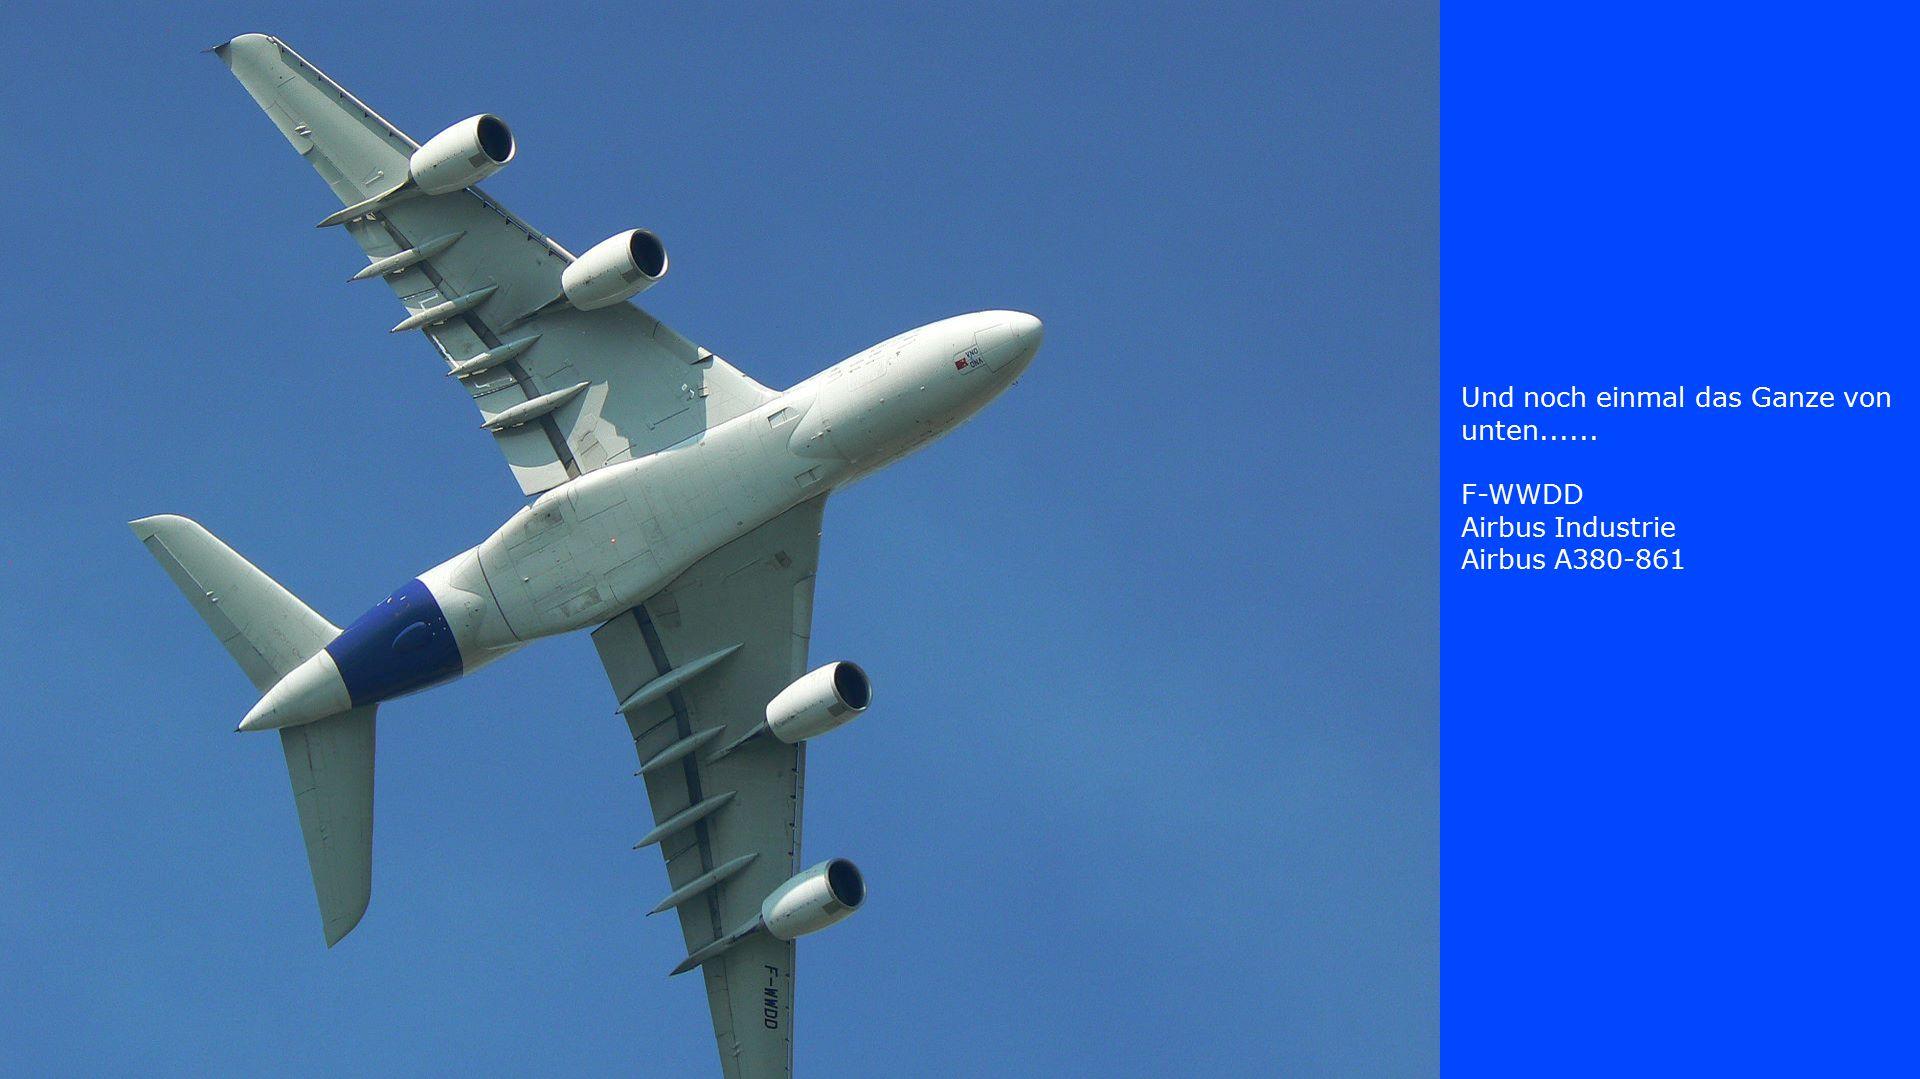 Und noch einmal das Ganze von unten...... F-WWDD Airbus Industrie Airbus A380-861